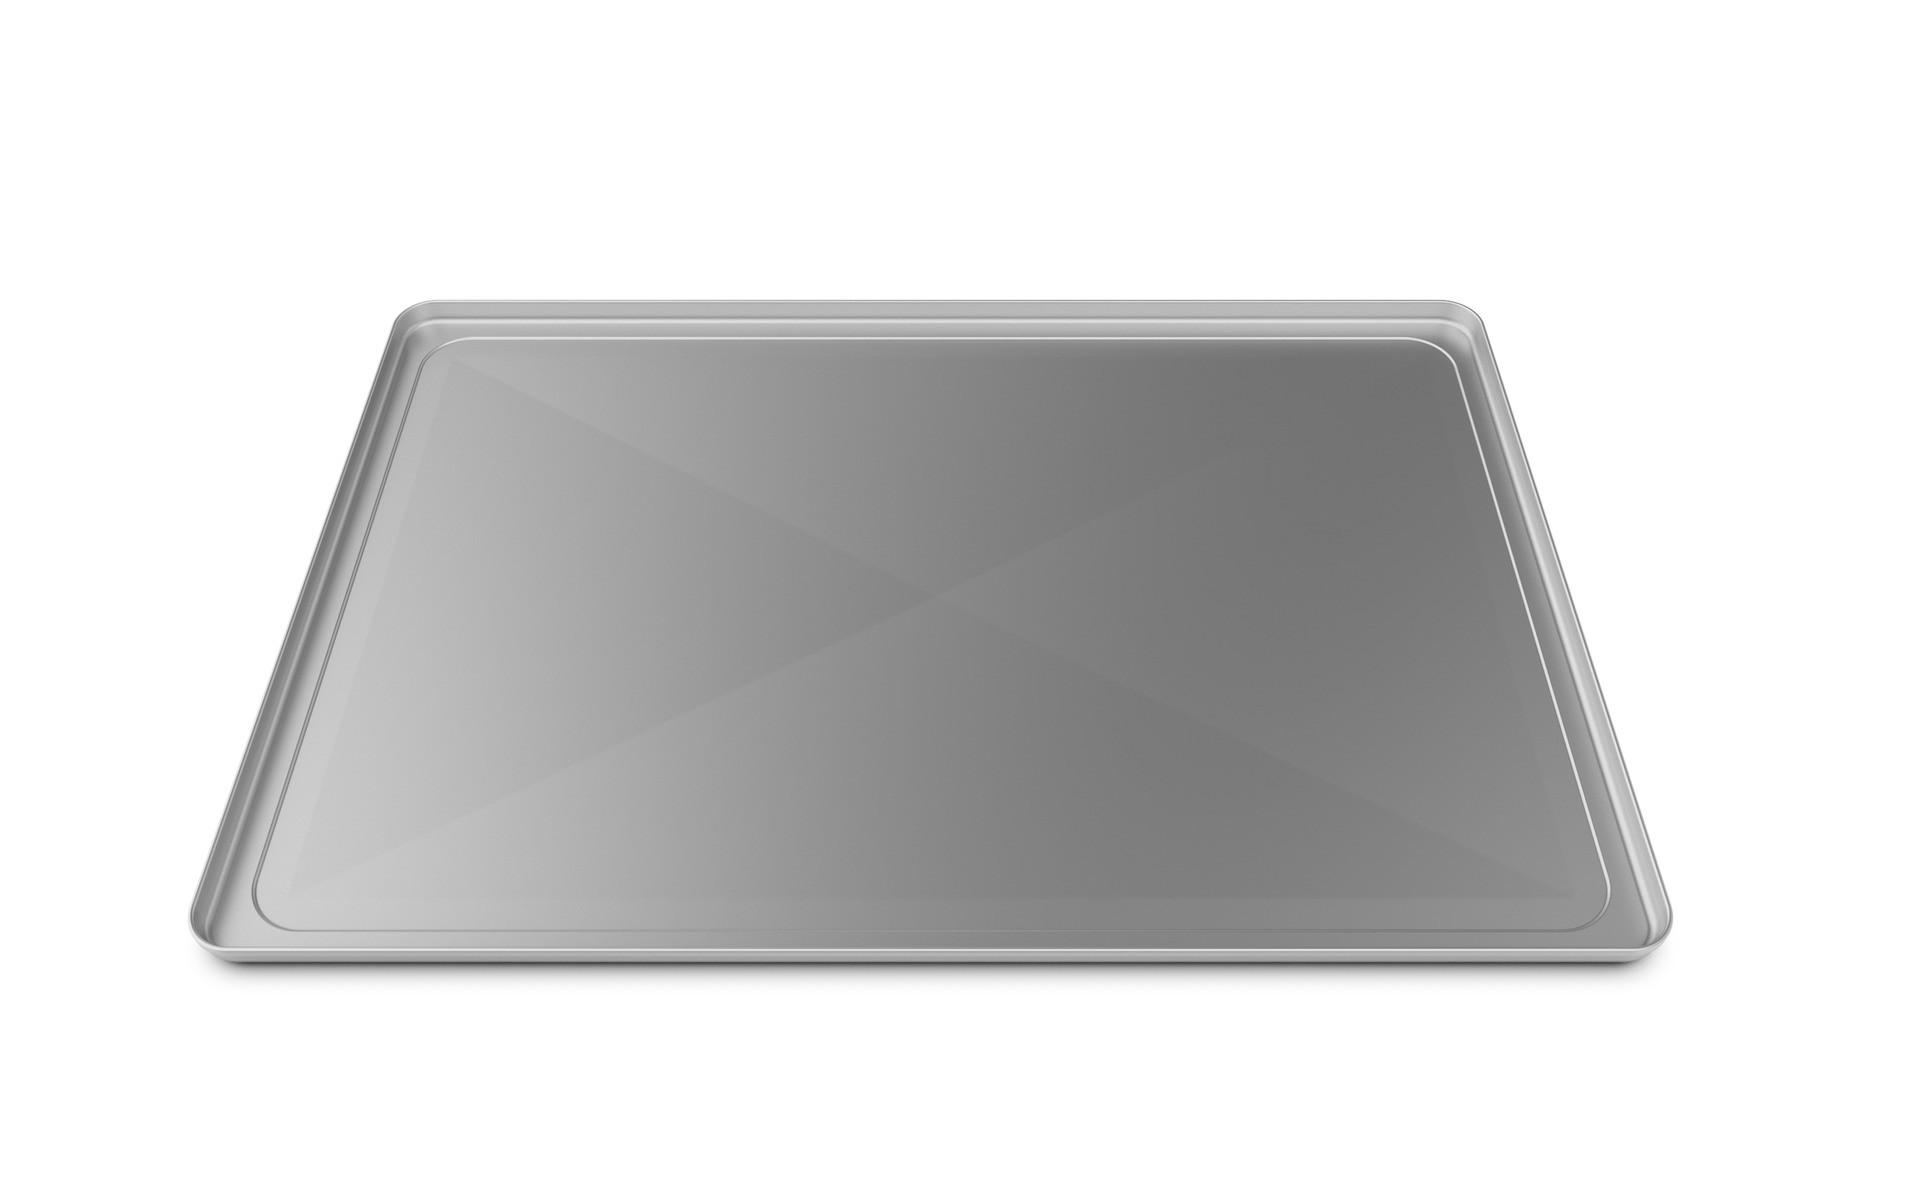 Aluminiumblech BAKE, 600 x 400 mm